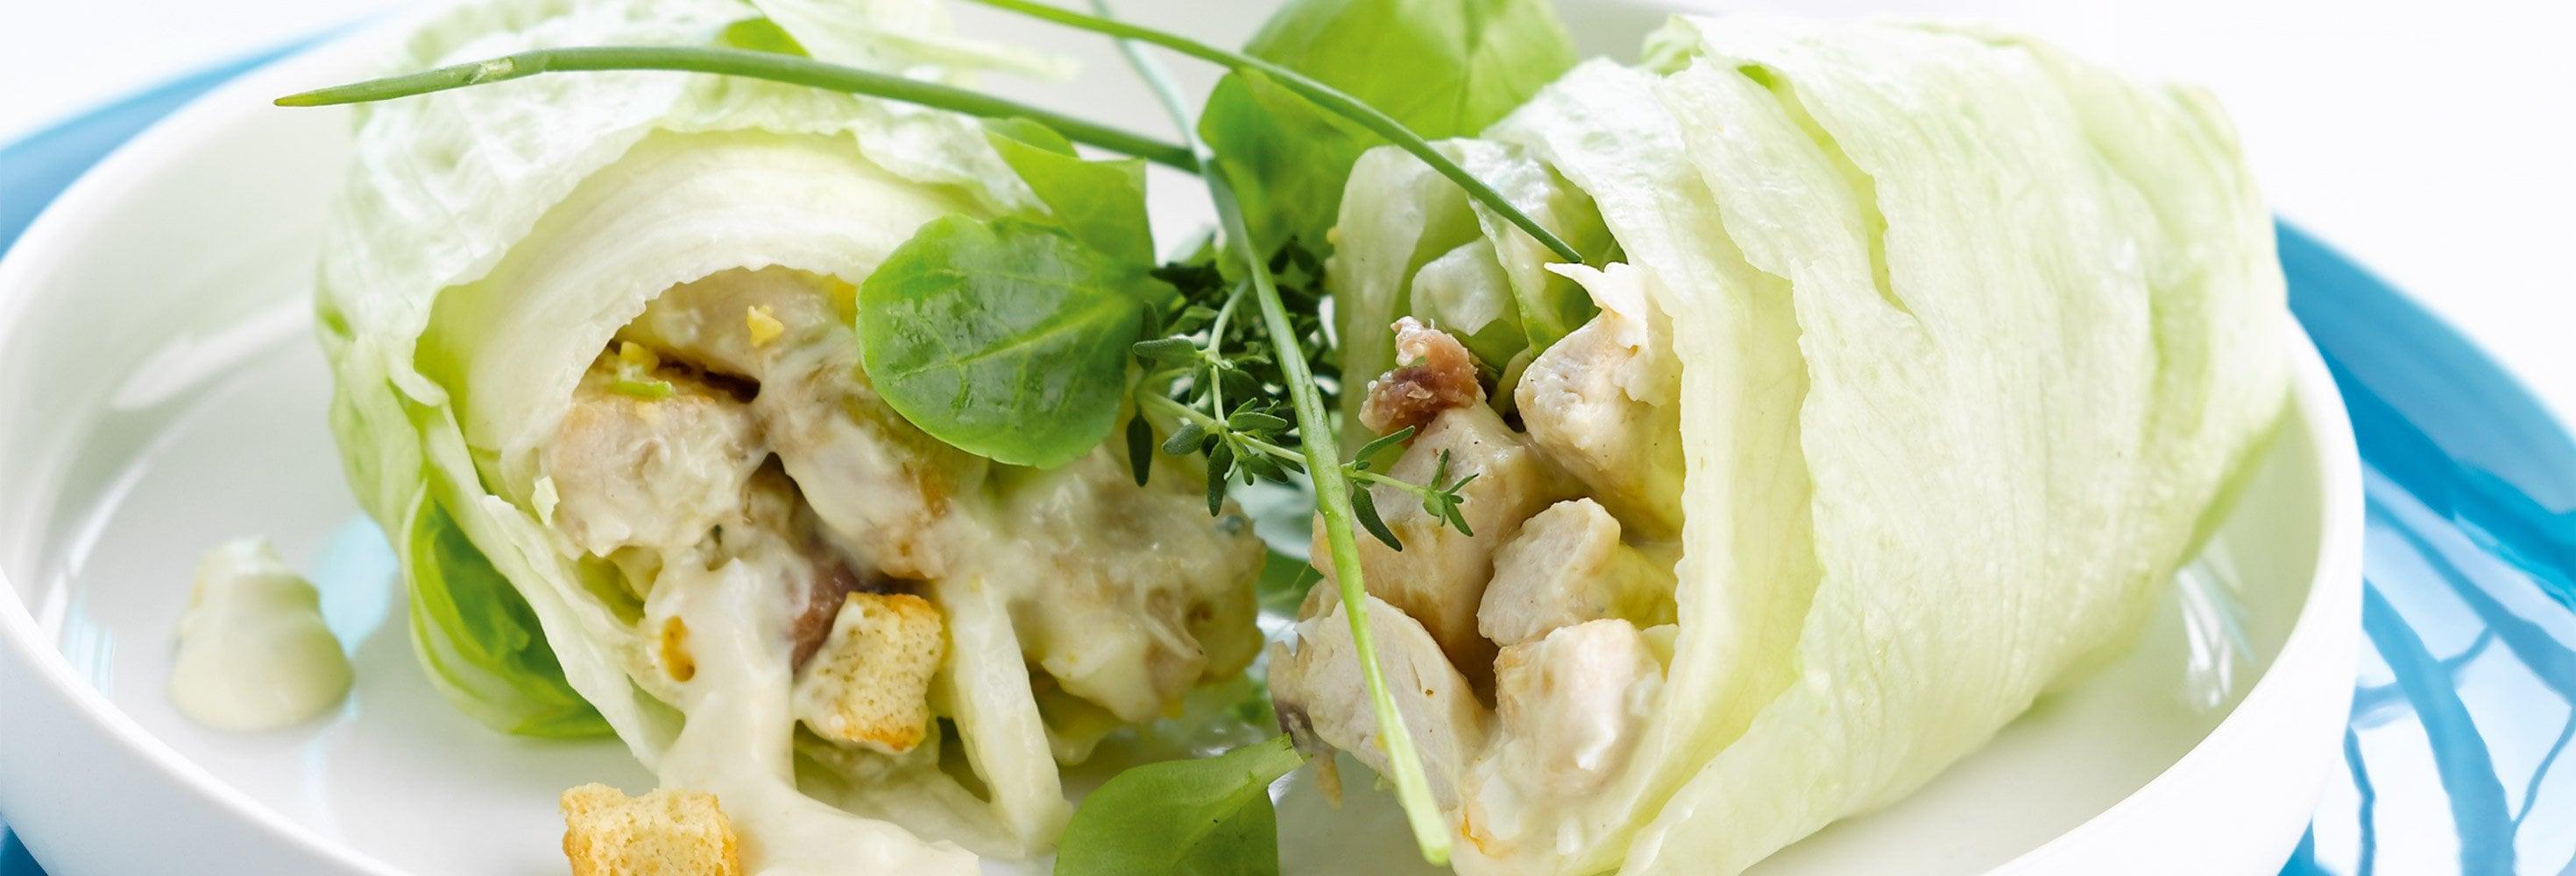 Wrap à la salade caesar